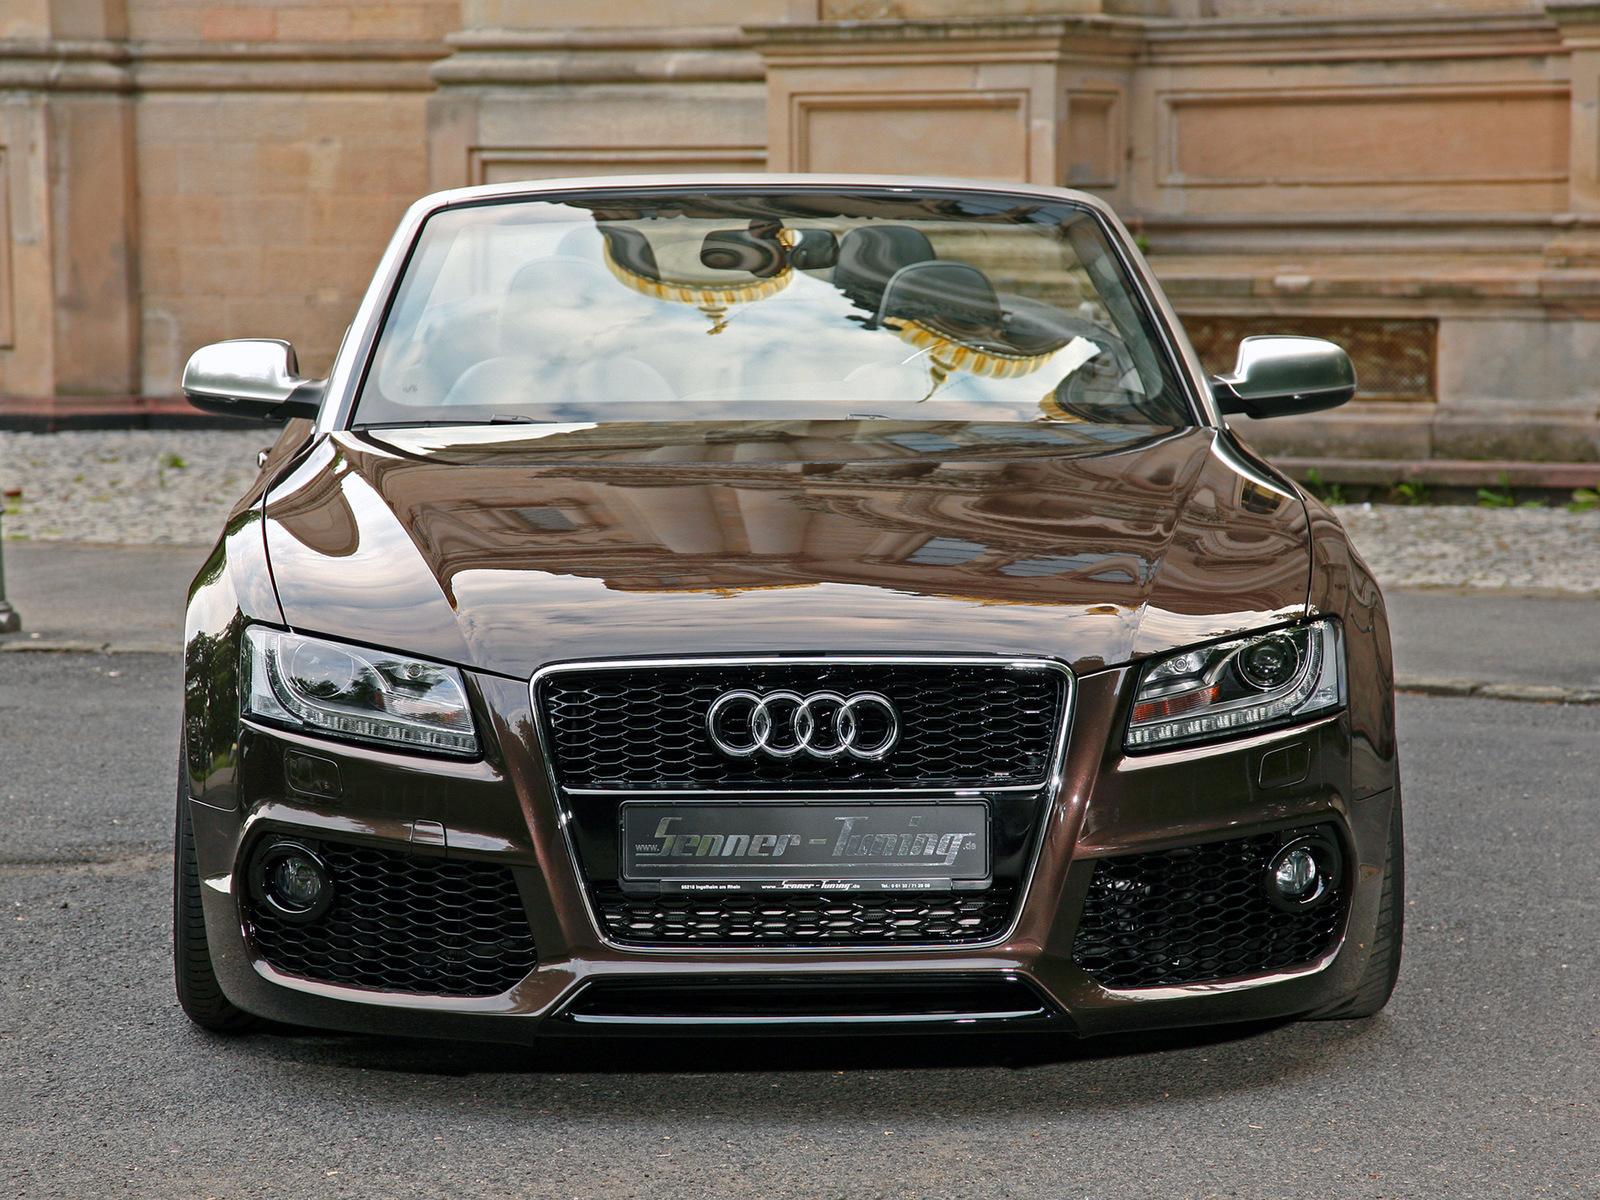 45947 скачать обои Транспорт, Машины, Ауди (Audi) - заставки и картинки бесплатно